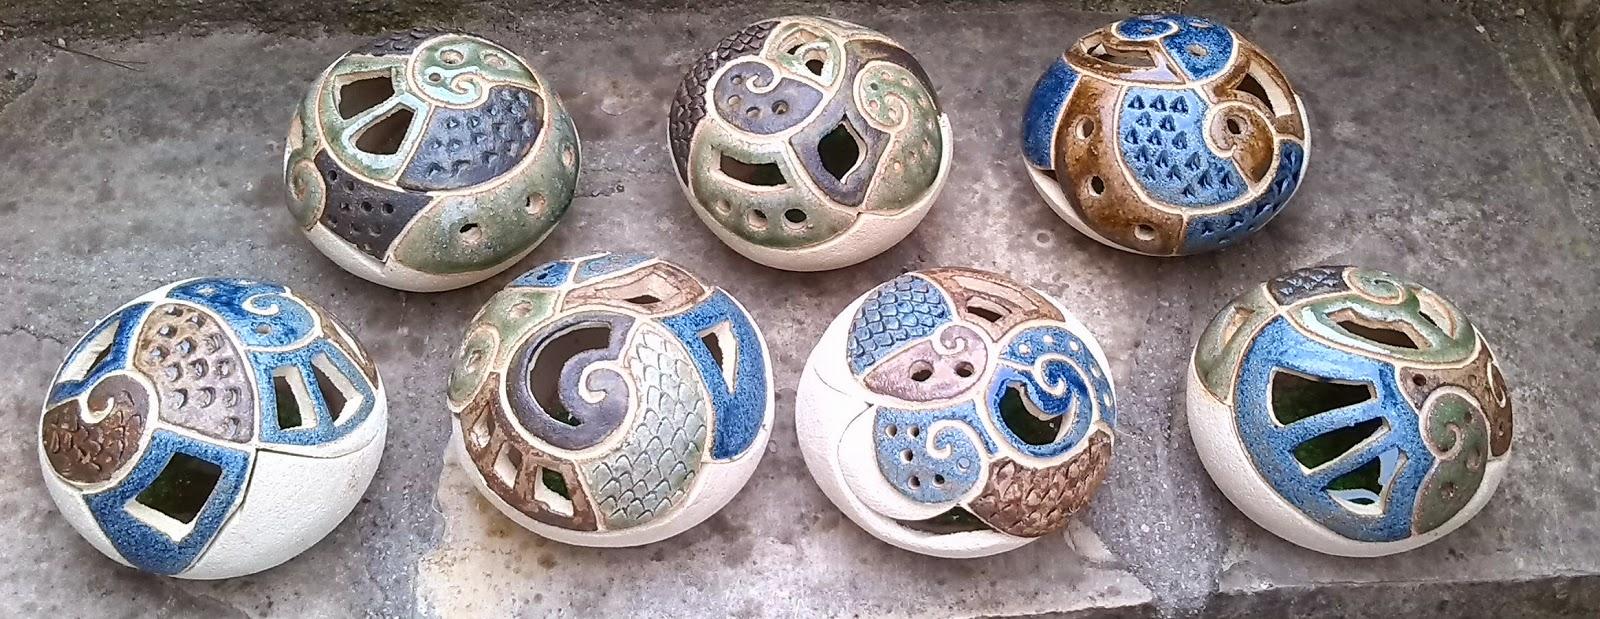 regalos originales cerámica, tendencia en decoración, cerámica original y distinta, cerámica artesana, piezas cerámicas artesanas diferentes, quemadores de incienso, lámparas cerámicas, quemadores antimosquito tigre, quemadores de incienso, decoración